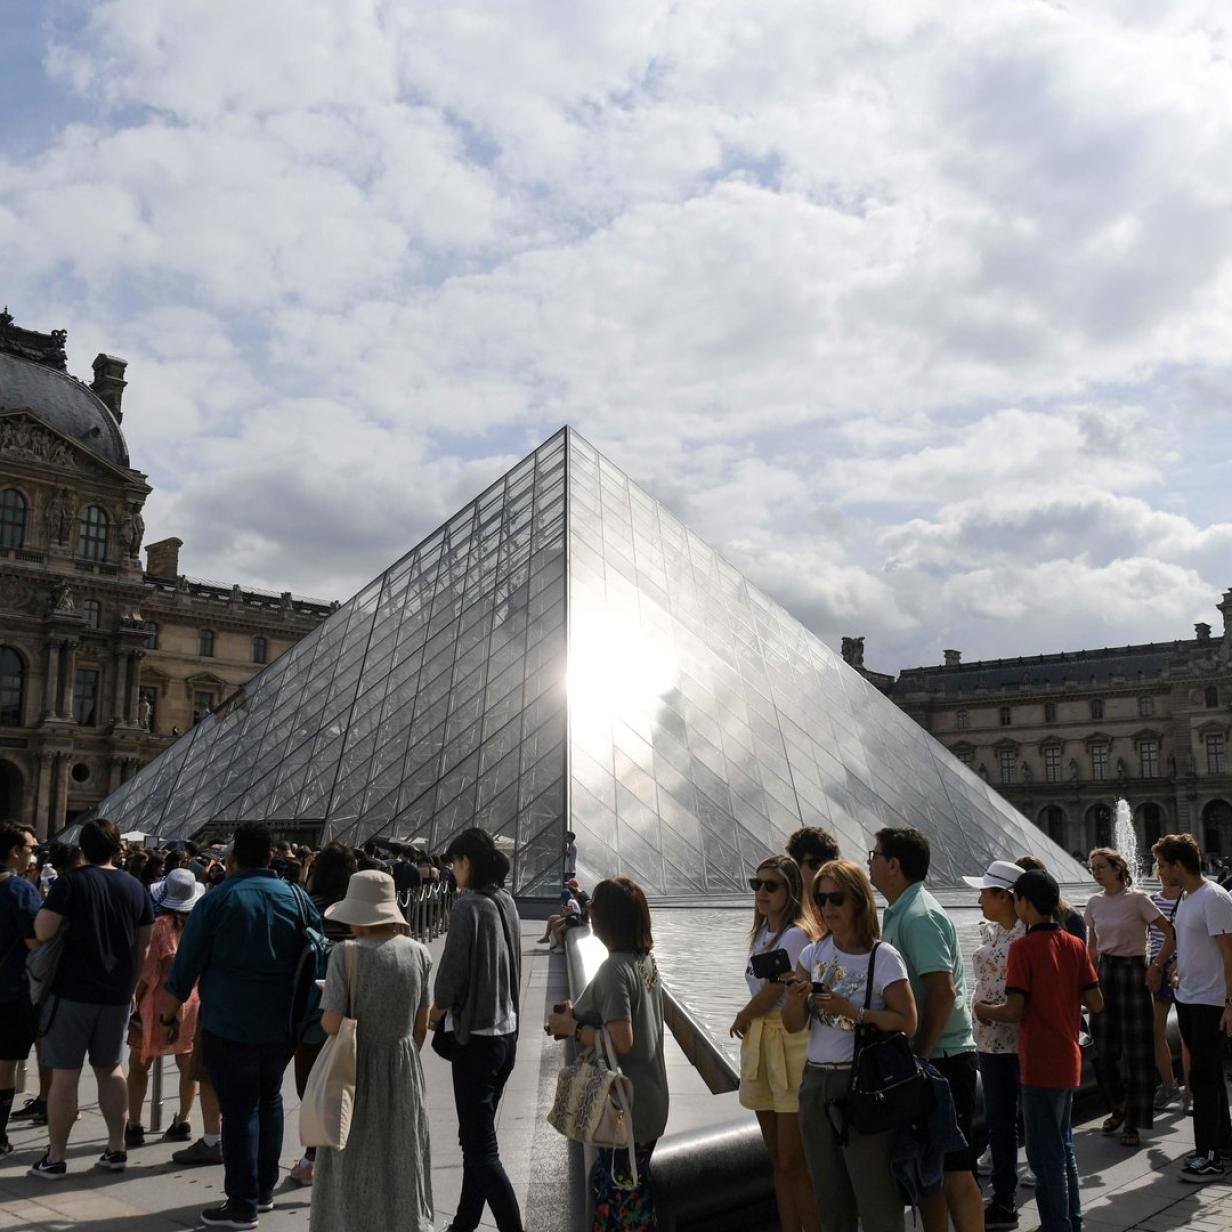 Städtetripp: Ohne Anstellen zu Sehenswürdigkeiten und in Museen